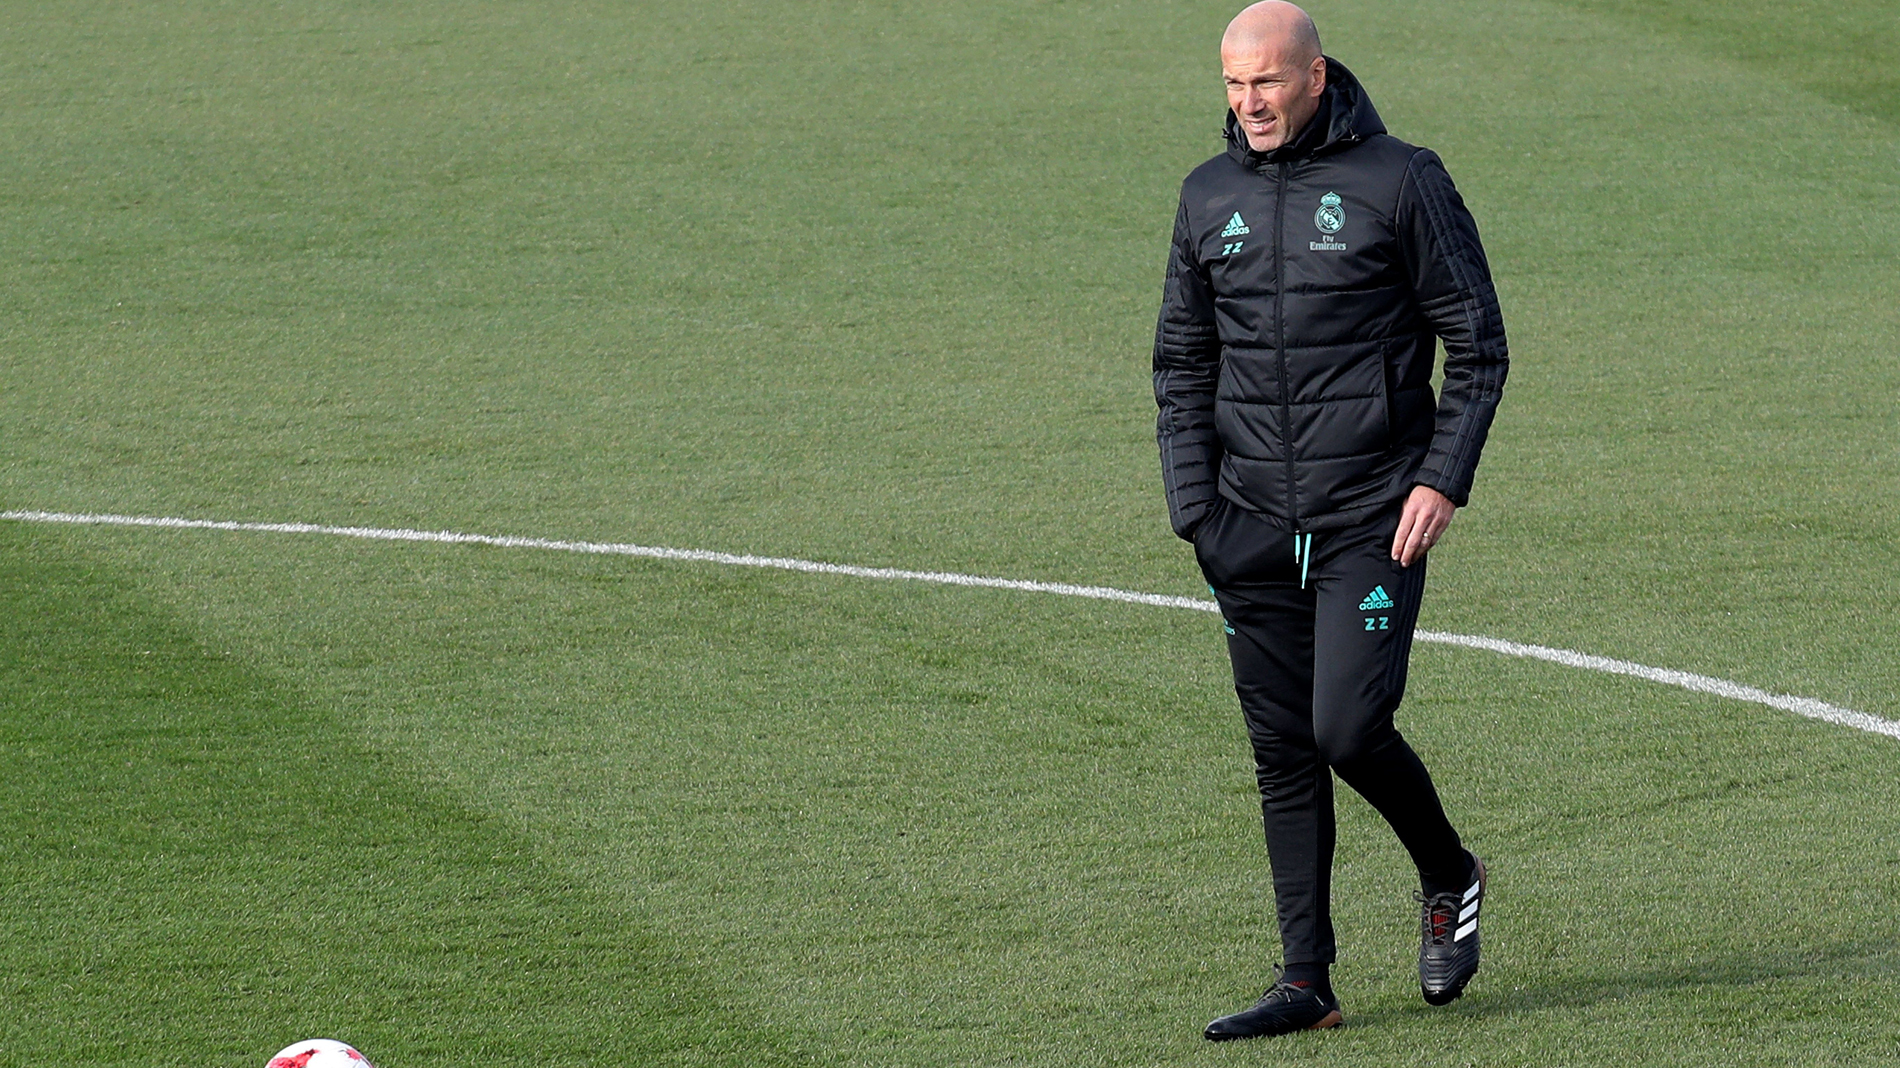 """¿Qué pide Zidane a los Reyes?: """"Salud. Ni un portero ni un delantero""""."""